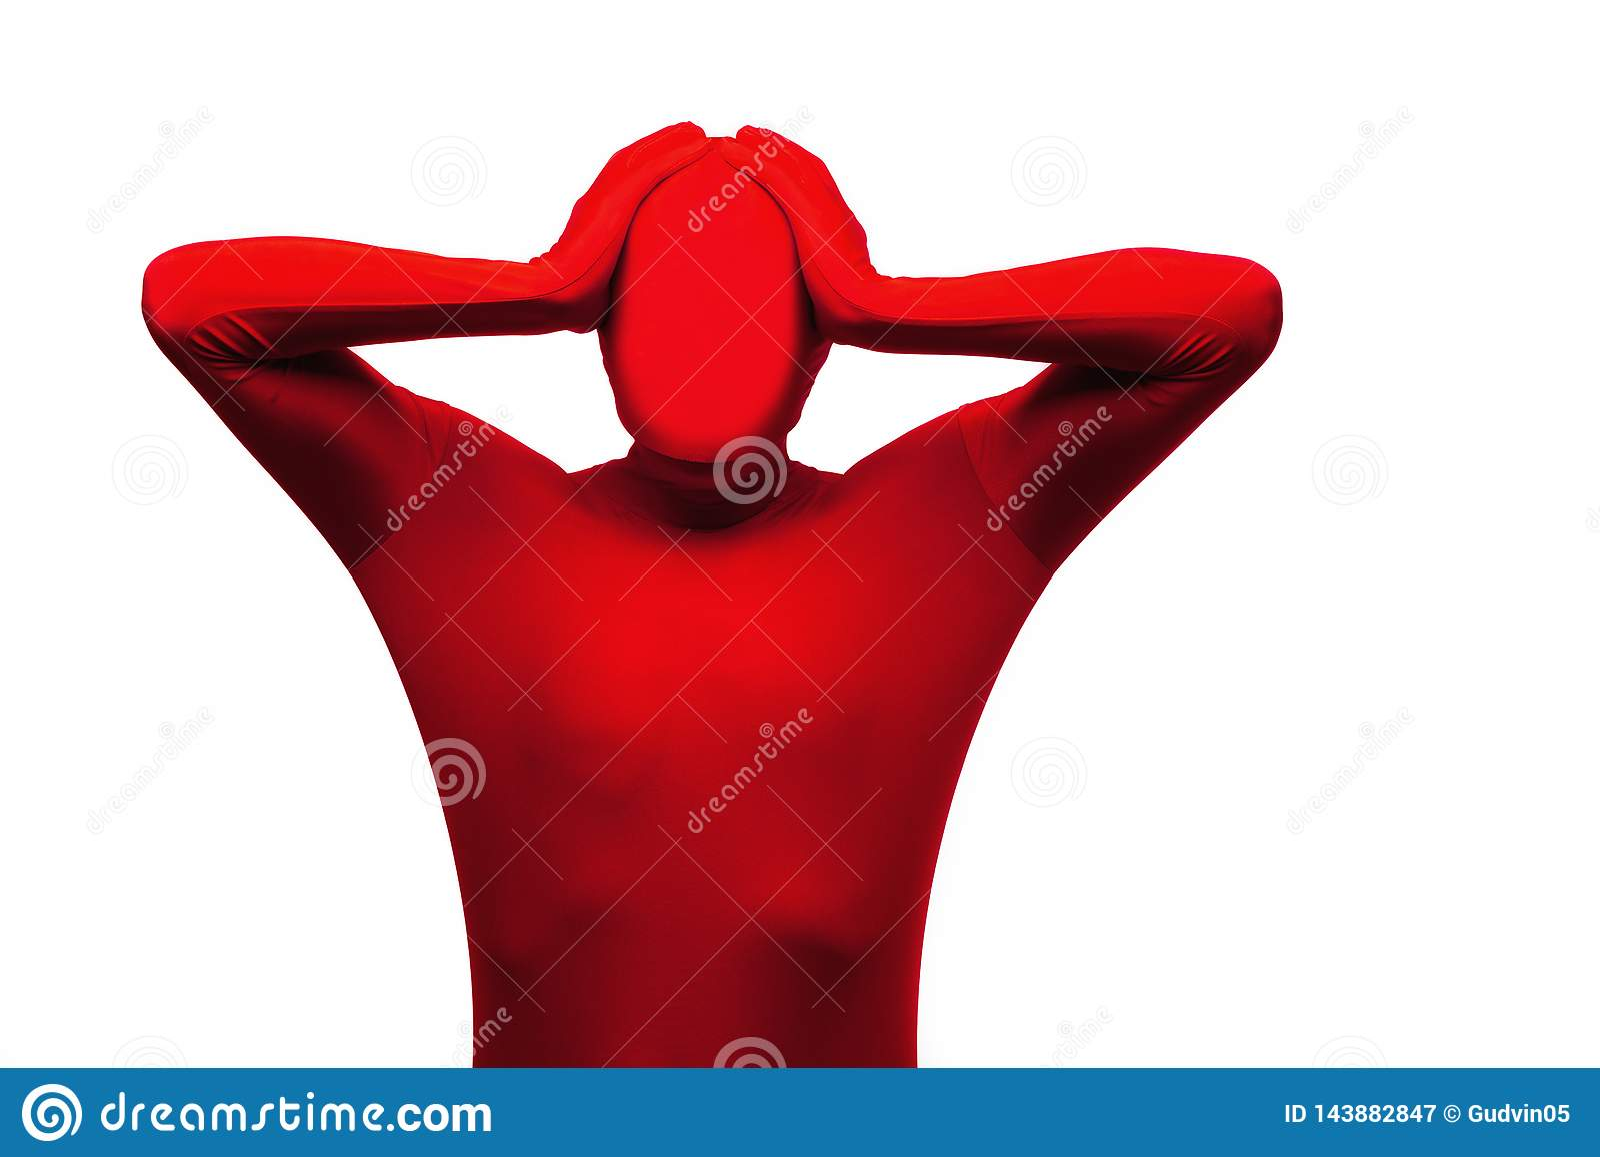 Roter Mann hält sein Kopf-, Druck-, Kopfschmerzen- und Frustrationskonzept Lokalisiert auf Weiß